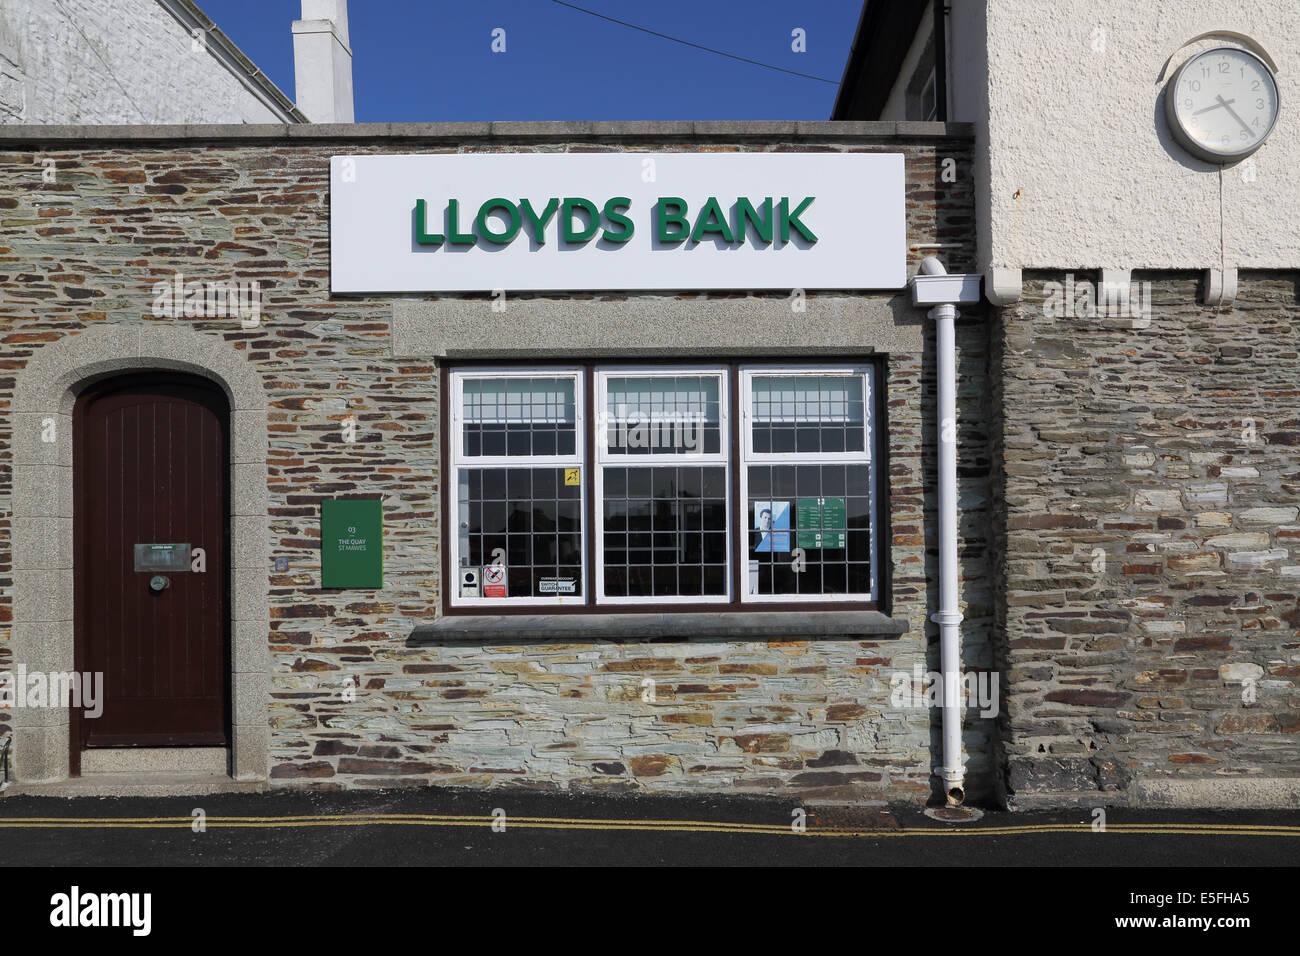 Lloyds bank at St Mawes on the cornish coast - Stock Image